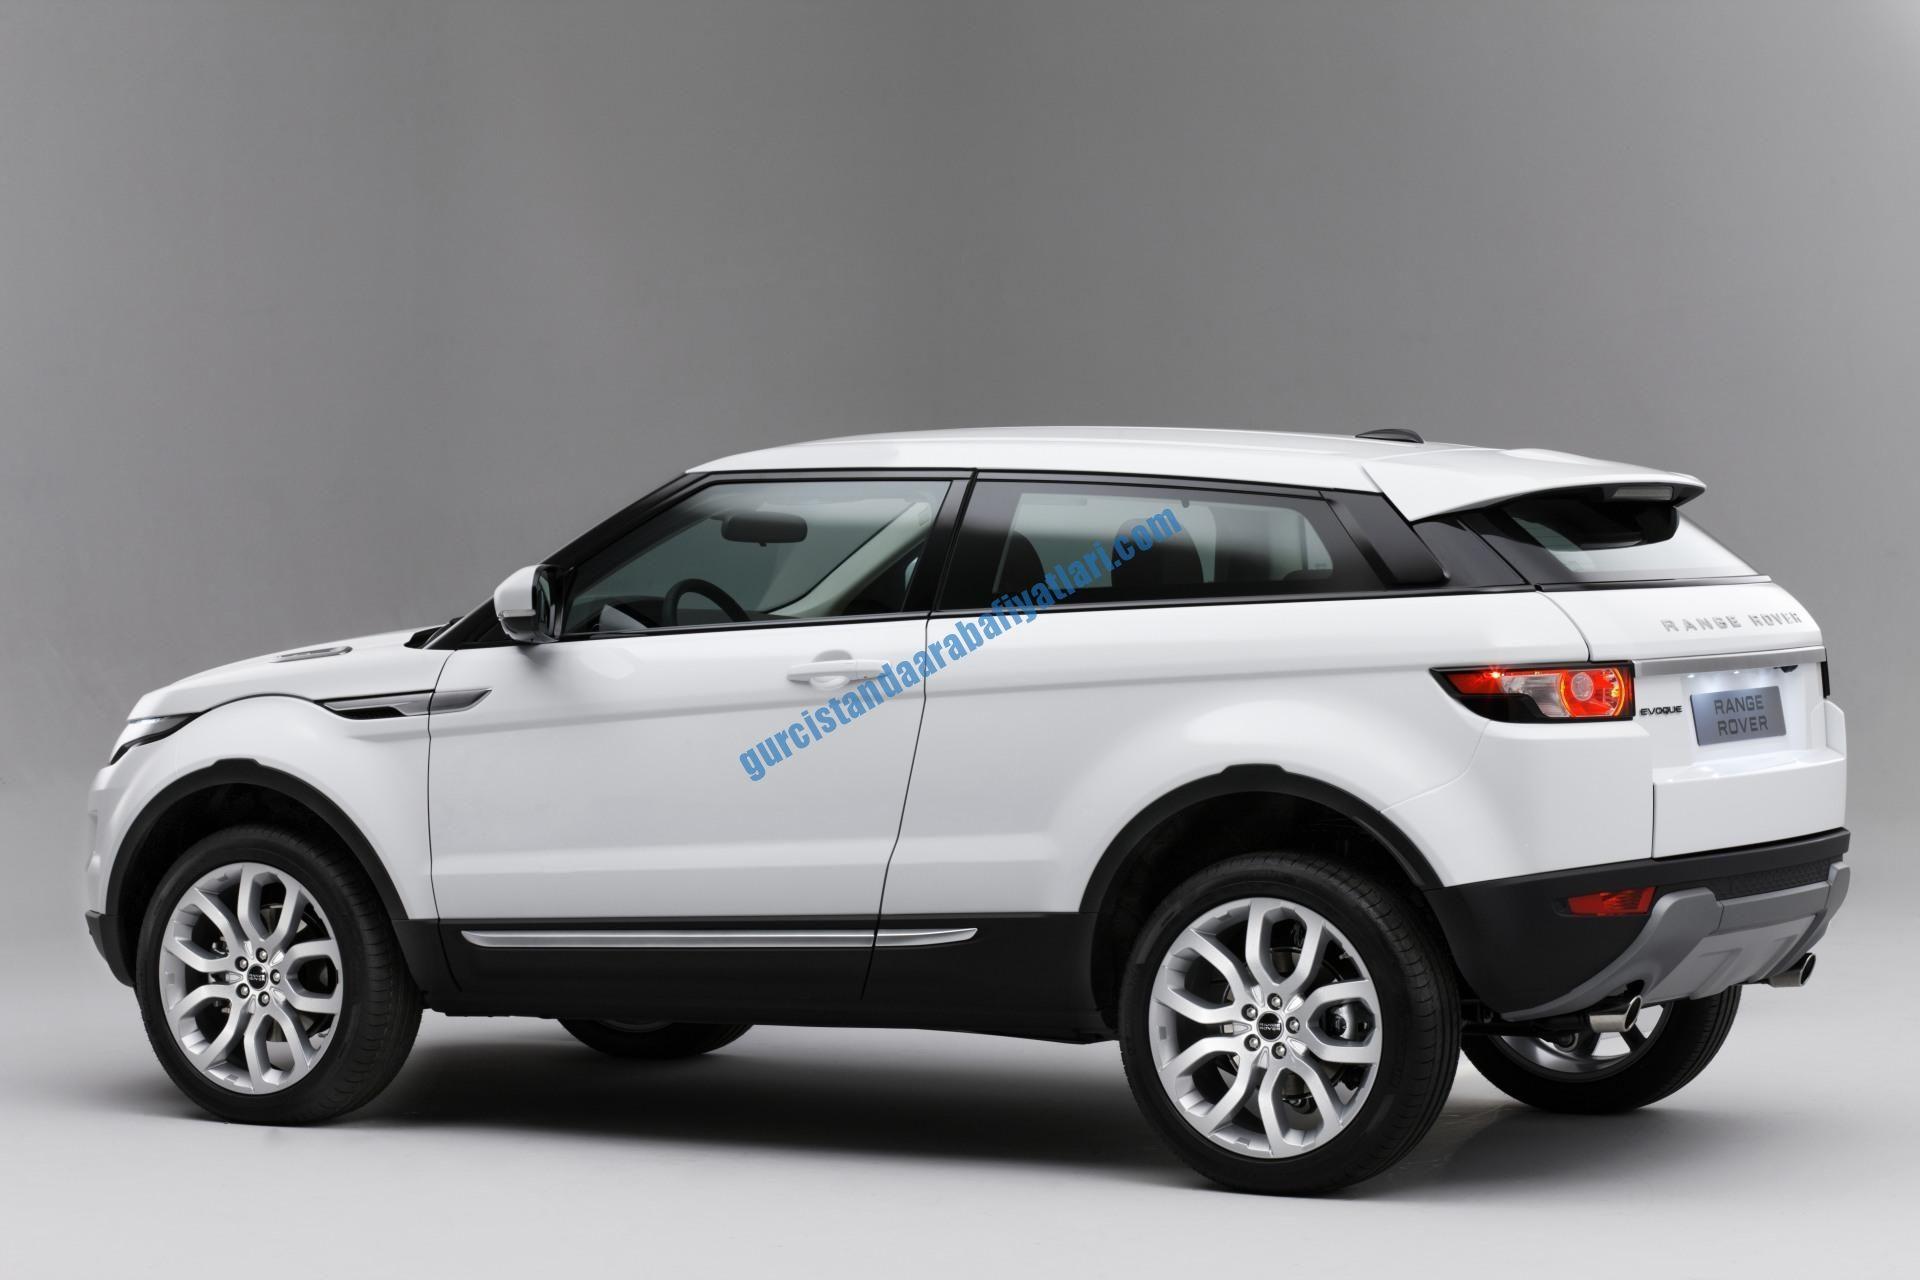 Ulkemizde Araba Fiyatlari Neden Yuksek Otomobiller Tum Dunyada Herkes Tarafindan En Cok Tercih Edilen Binek Araclaridi Range Rover Range Rover Evoque Arabalar